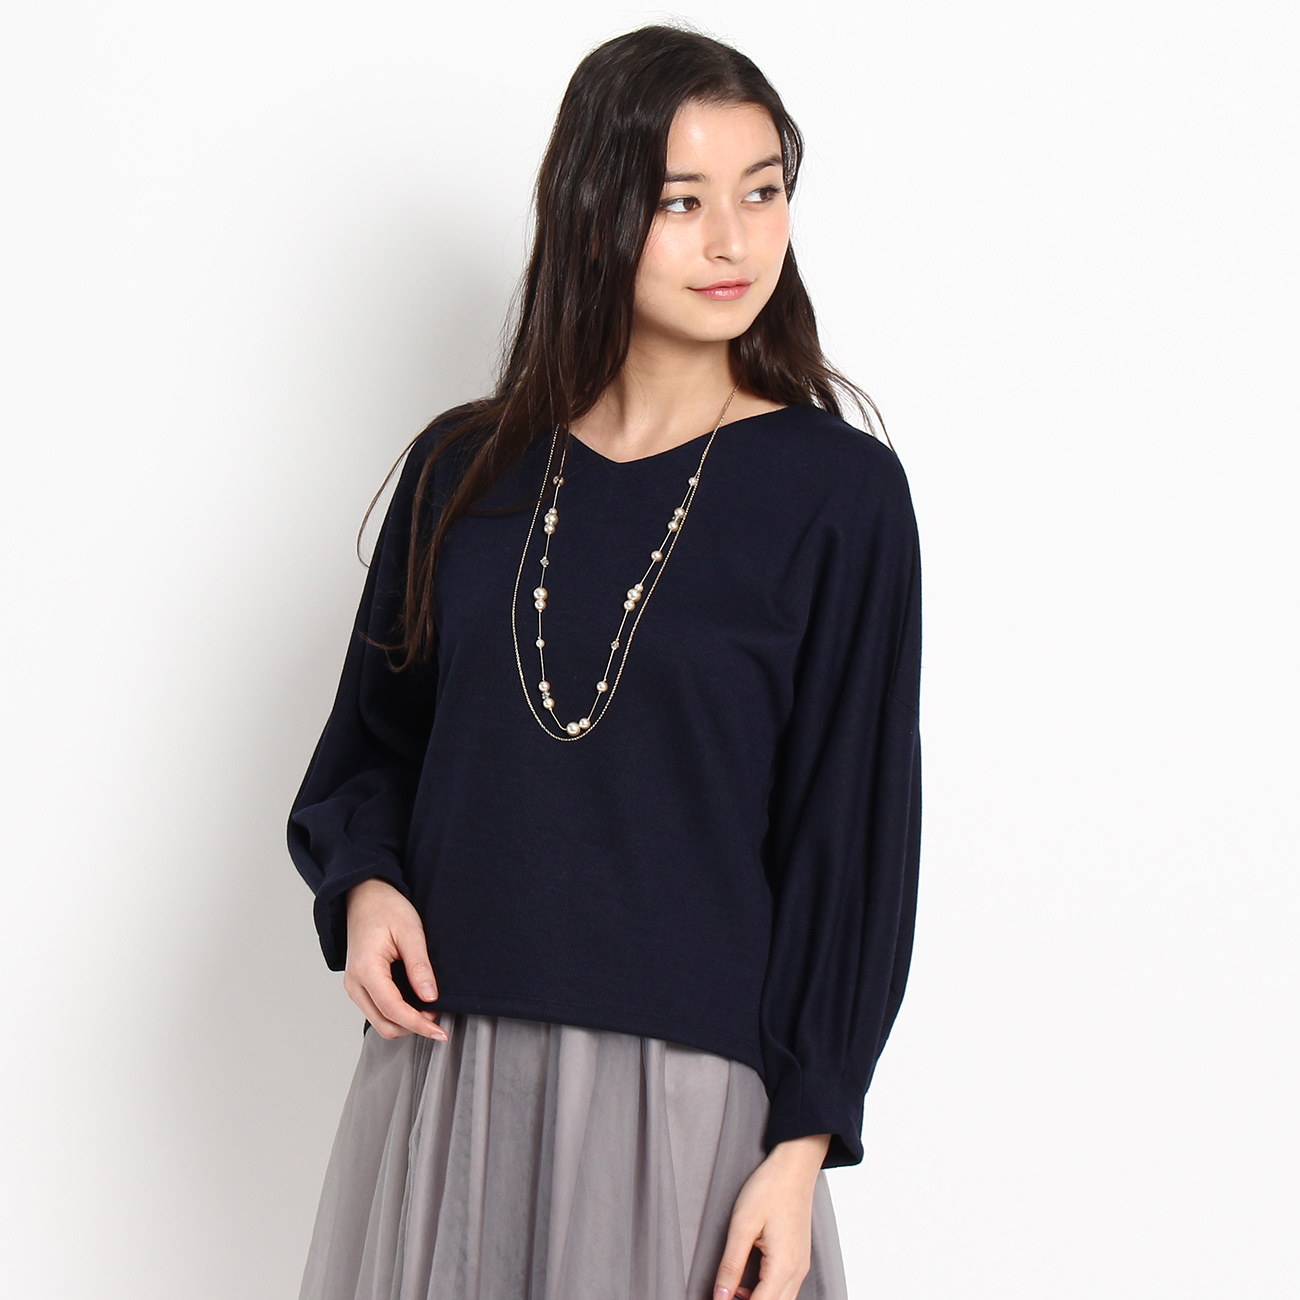 【Couture brooch (クチュールブローチ)】【WEB限定・80%OFF】サカリバボリュームスリーブカットソーレディース トップス カットソー・Tシャツ ブルー系